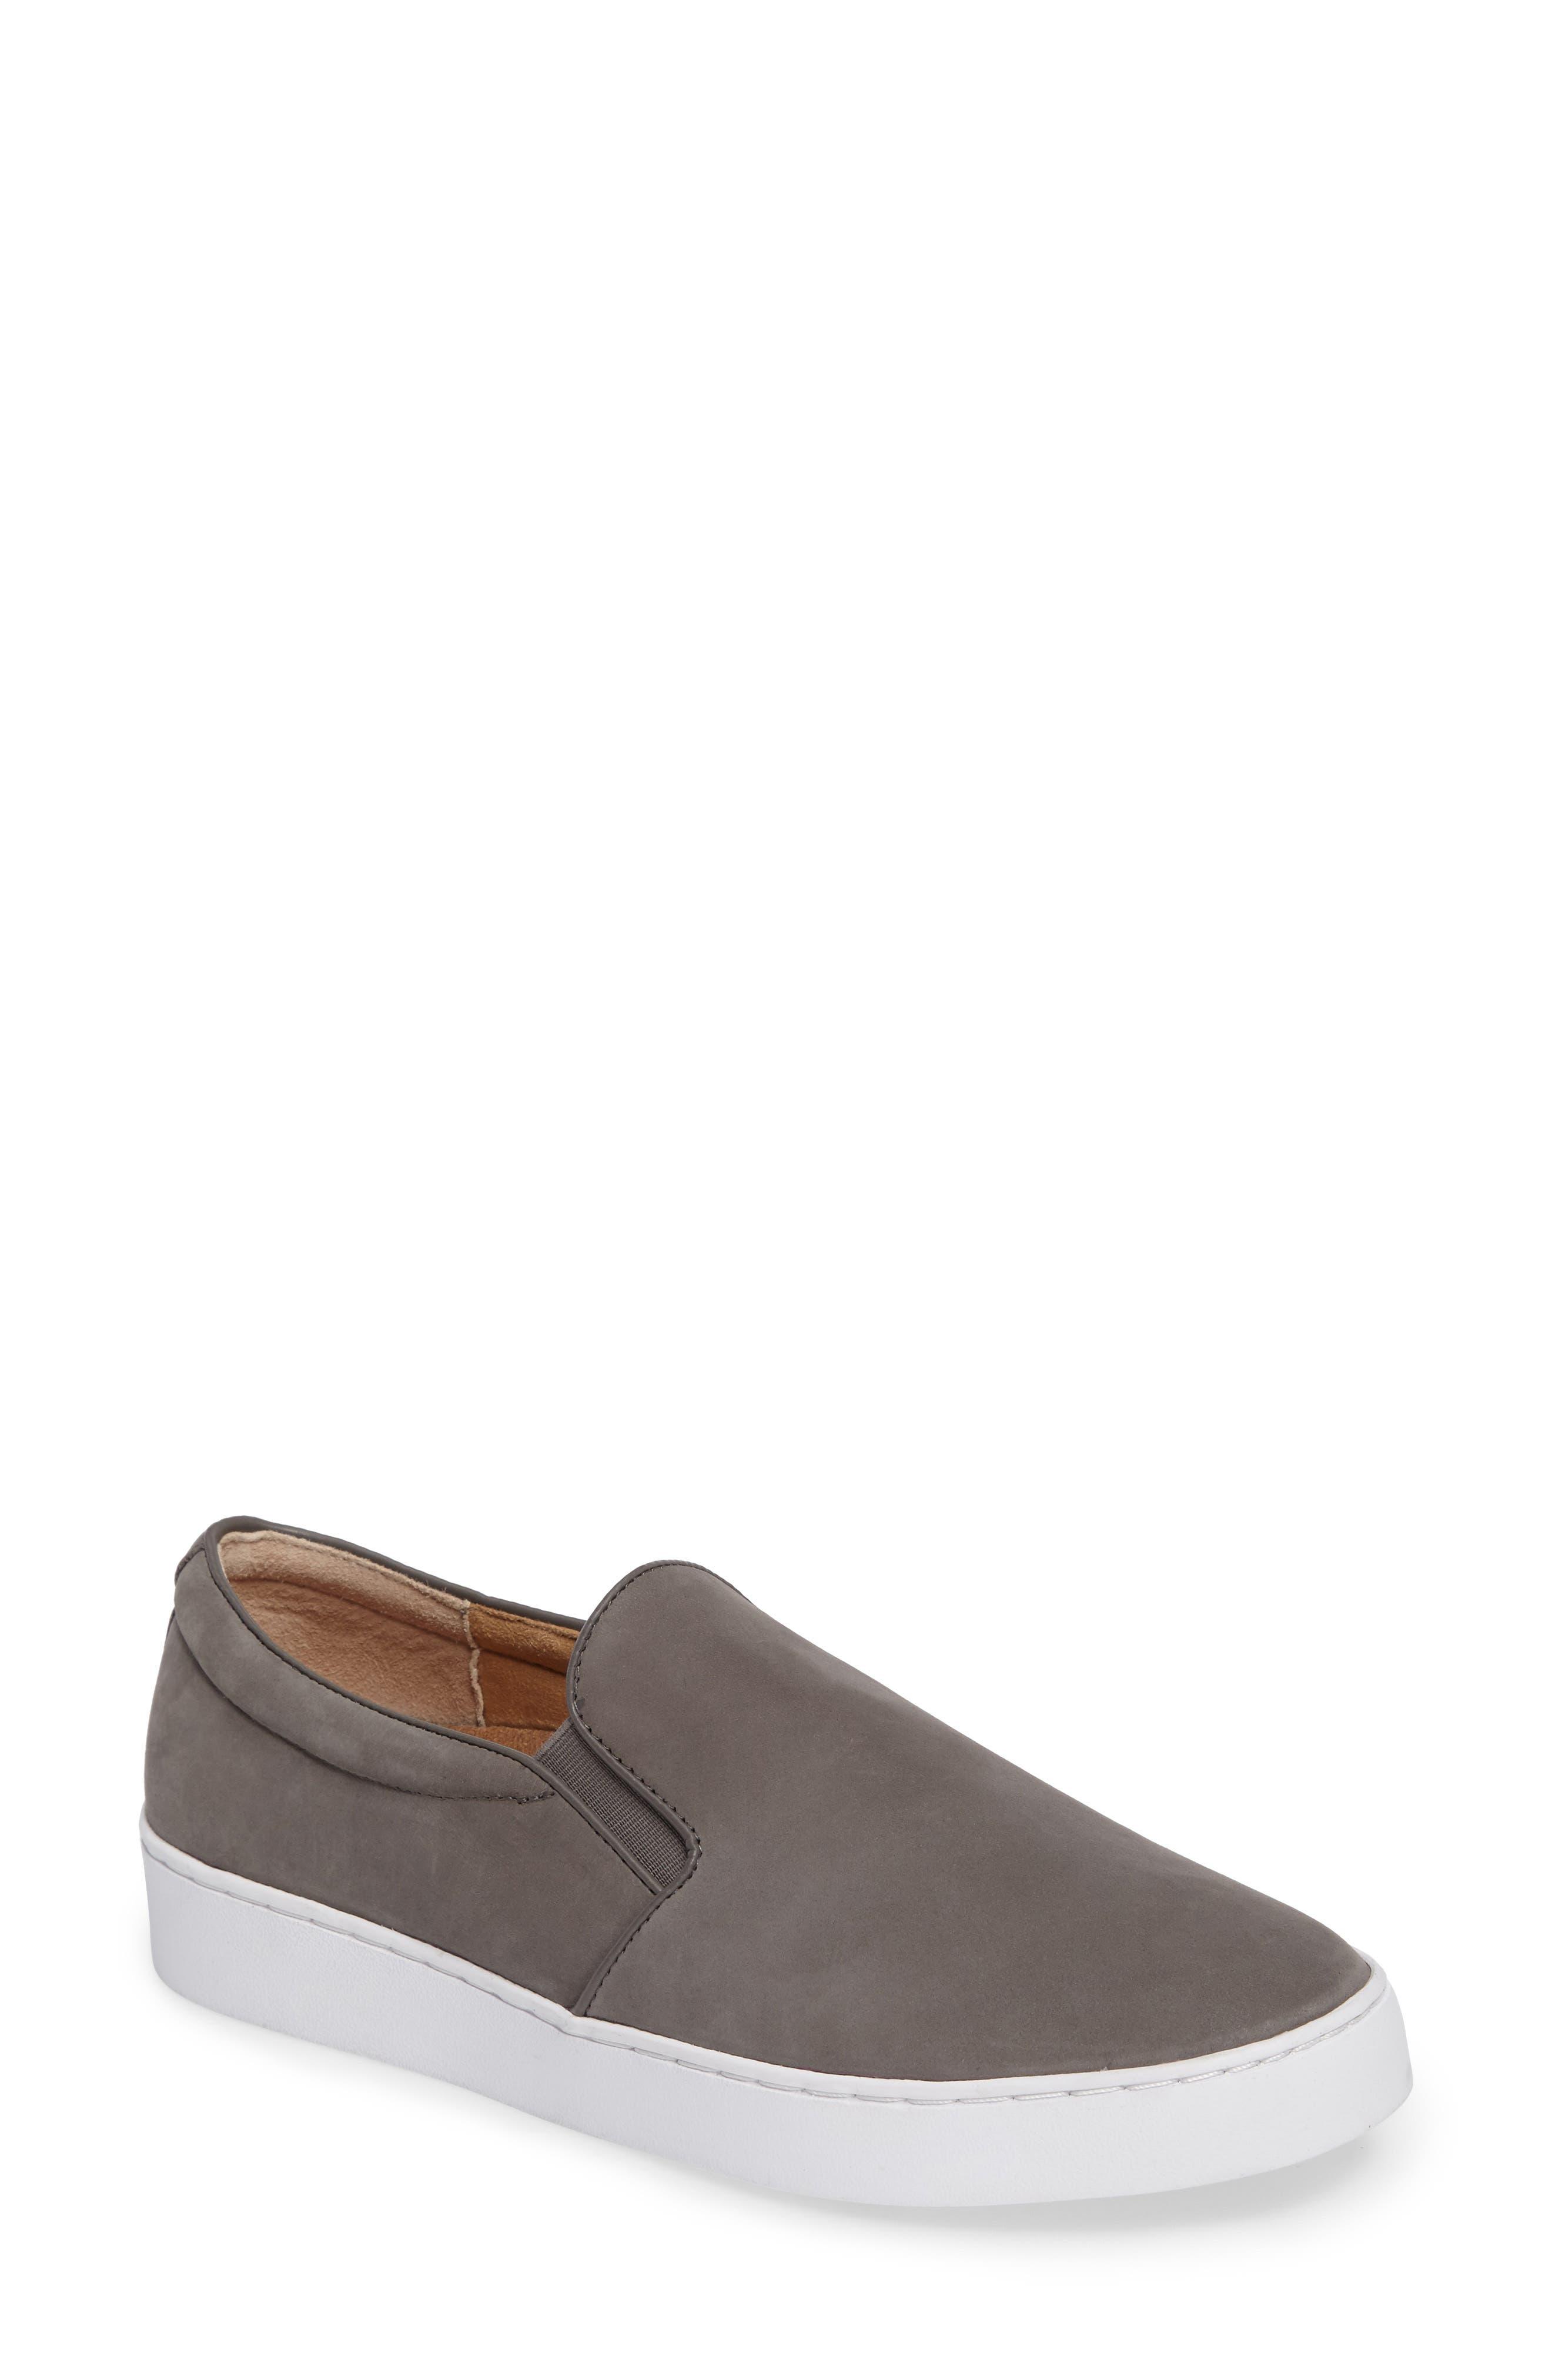 les chaussures de de chaussures vionic | nordstrom cef03f